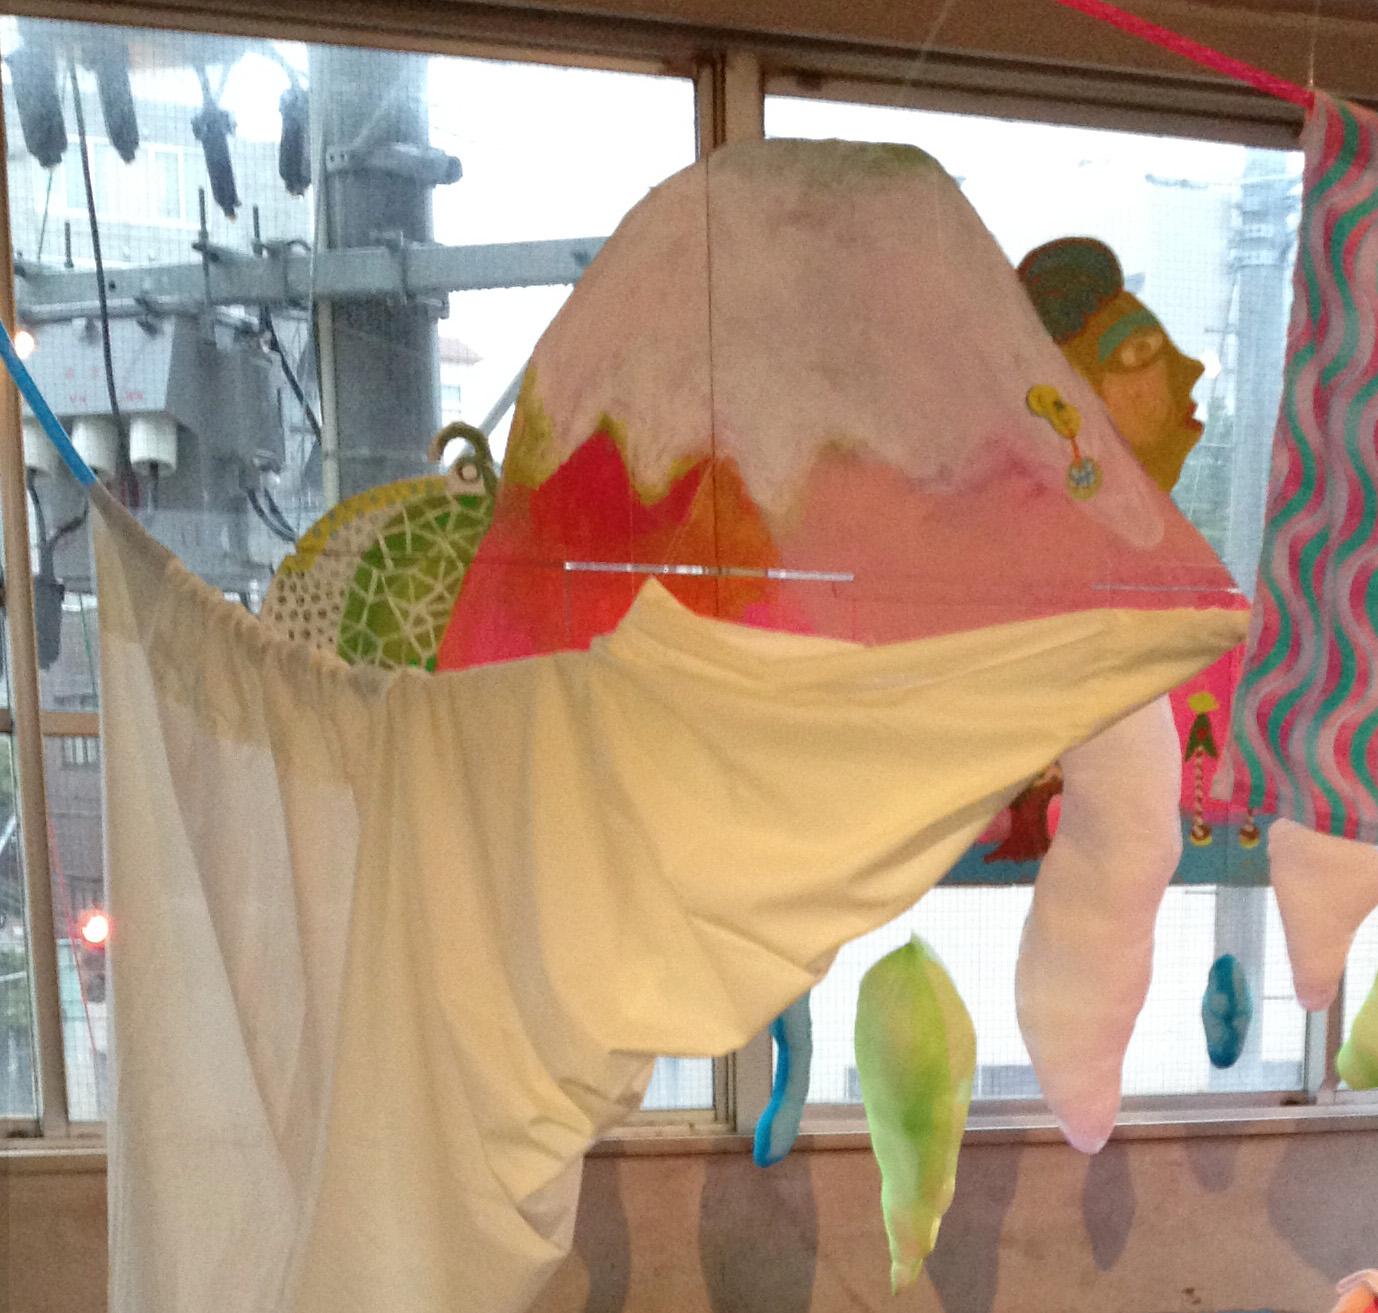 新潟の春を楽しくするアートフェスティバル「春山登山展」が始まりました_d0178448_8495482.jpg